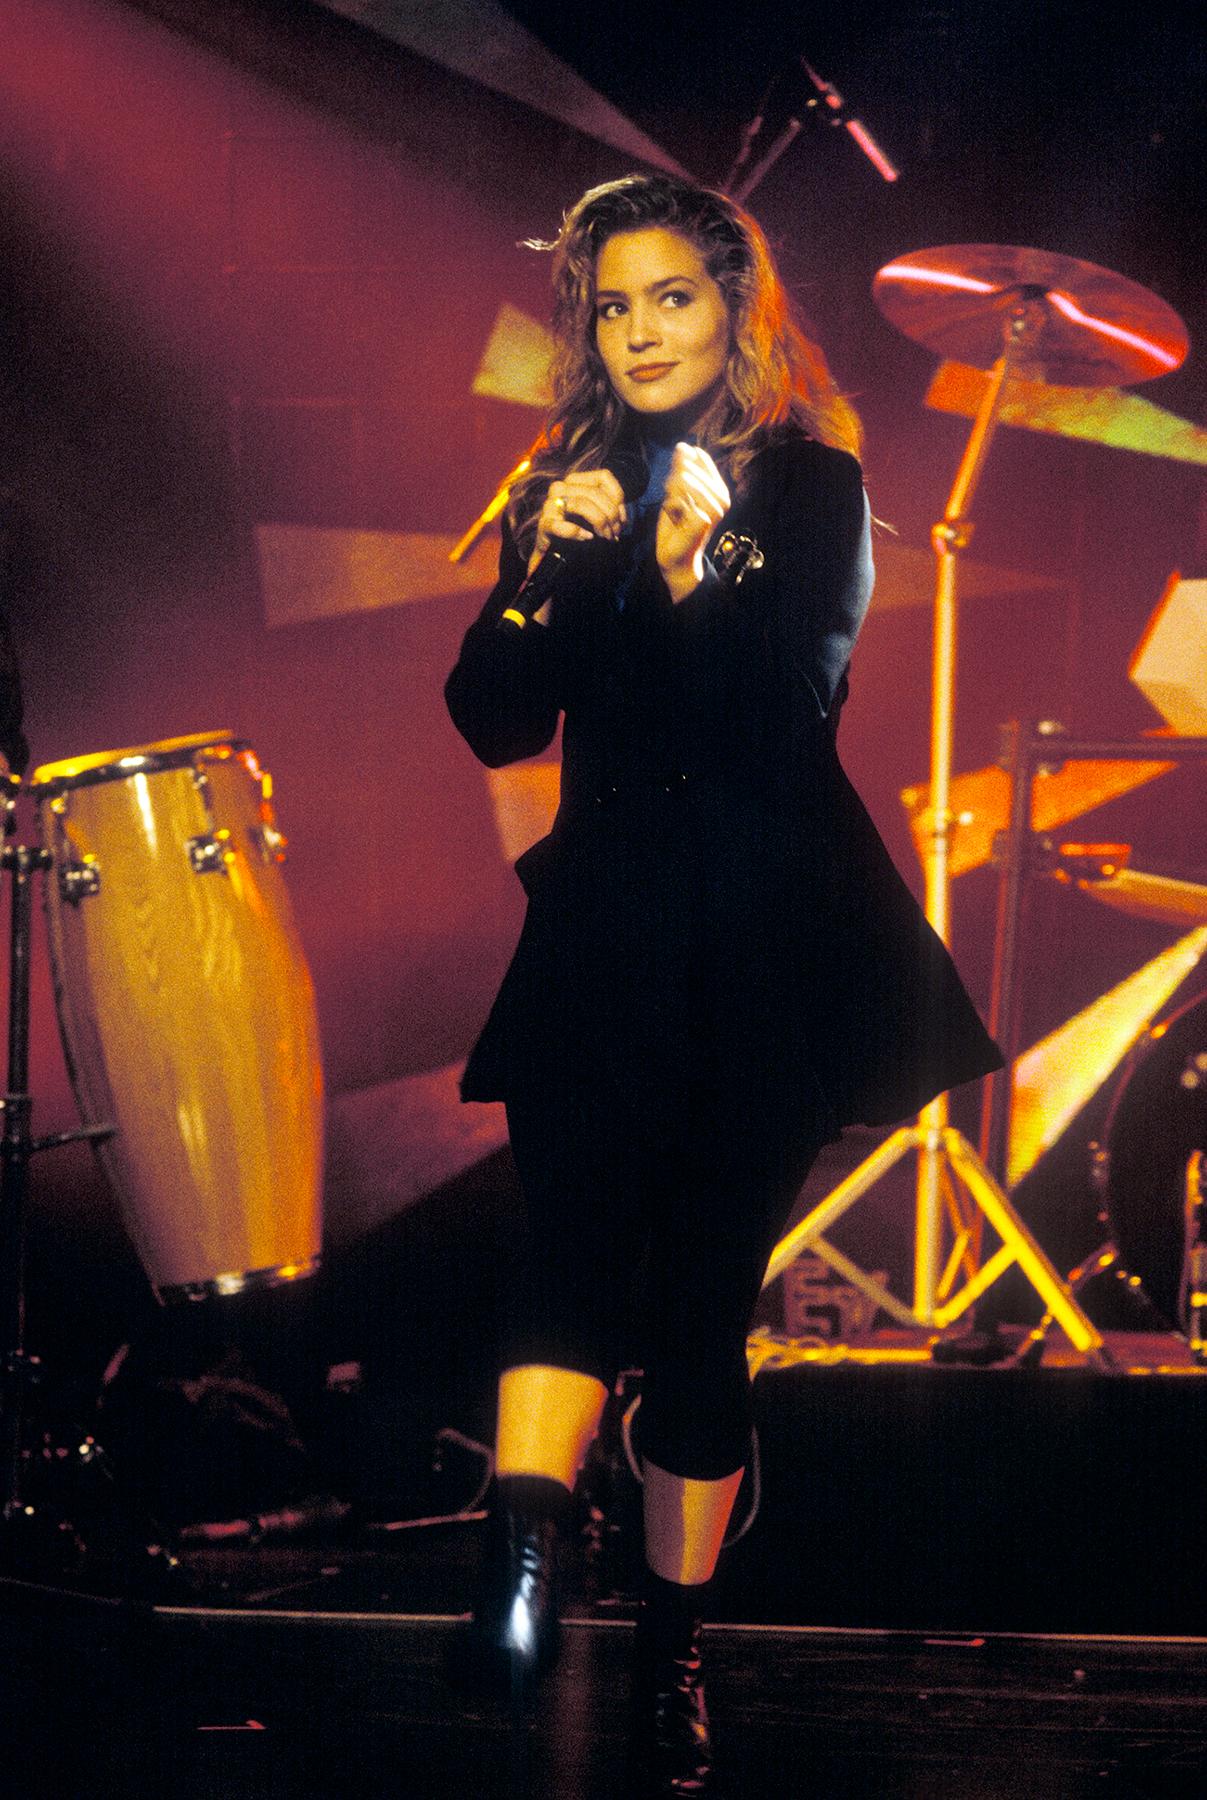 Jazzfestival Montreux 1988: Elisa Fiorillo (Photo by Bruno Torricelli/RDB/ullstein bild via Getty Images)